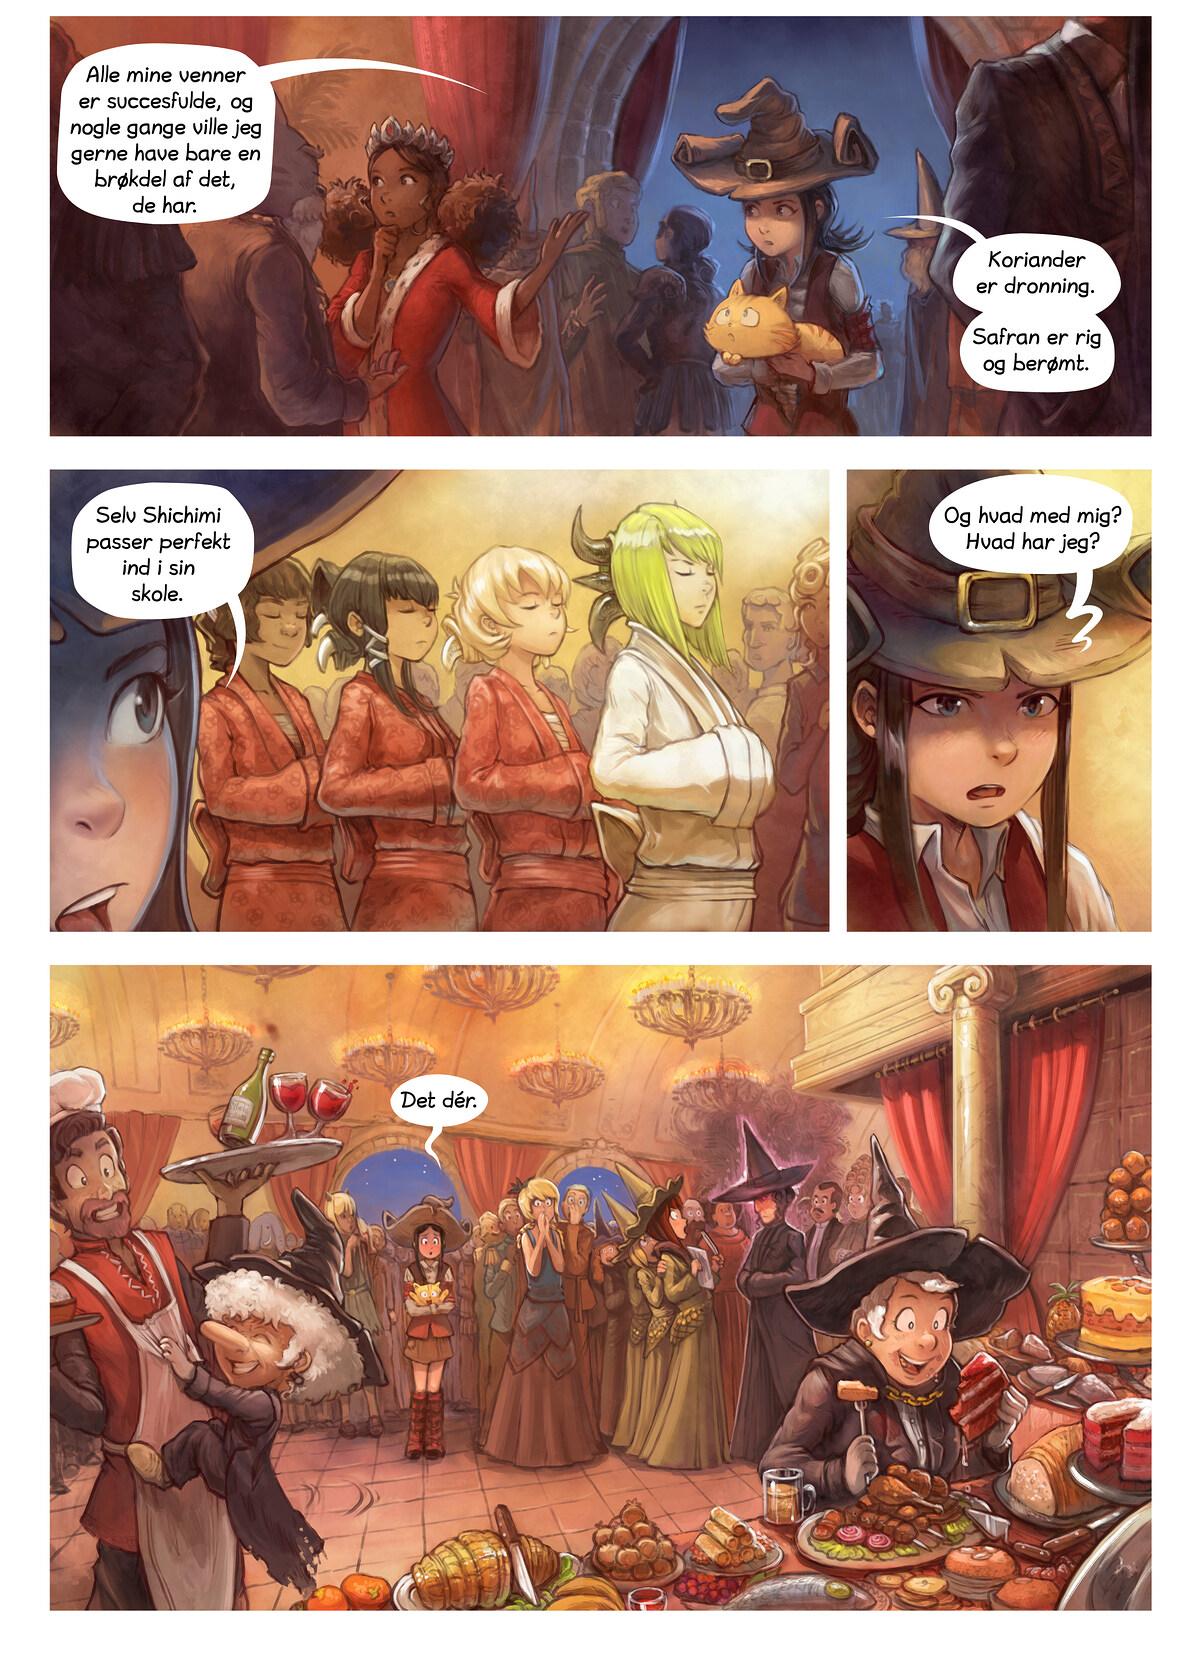 Episode 28: Festlighederne, Page 5